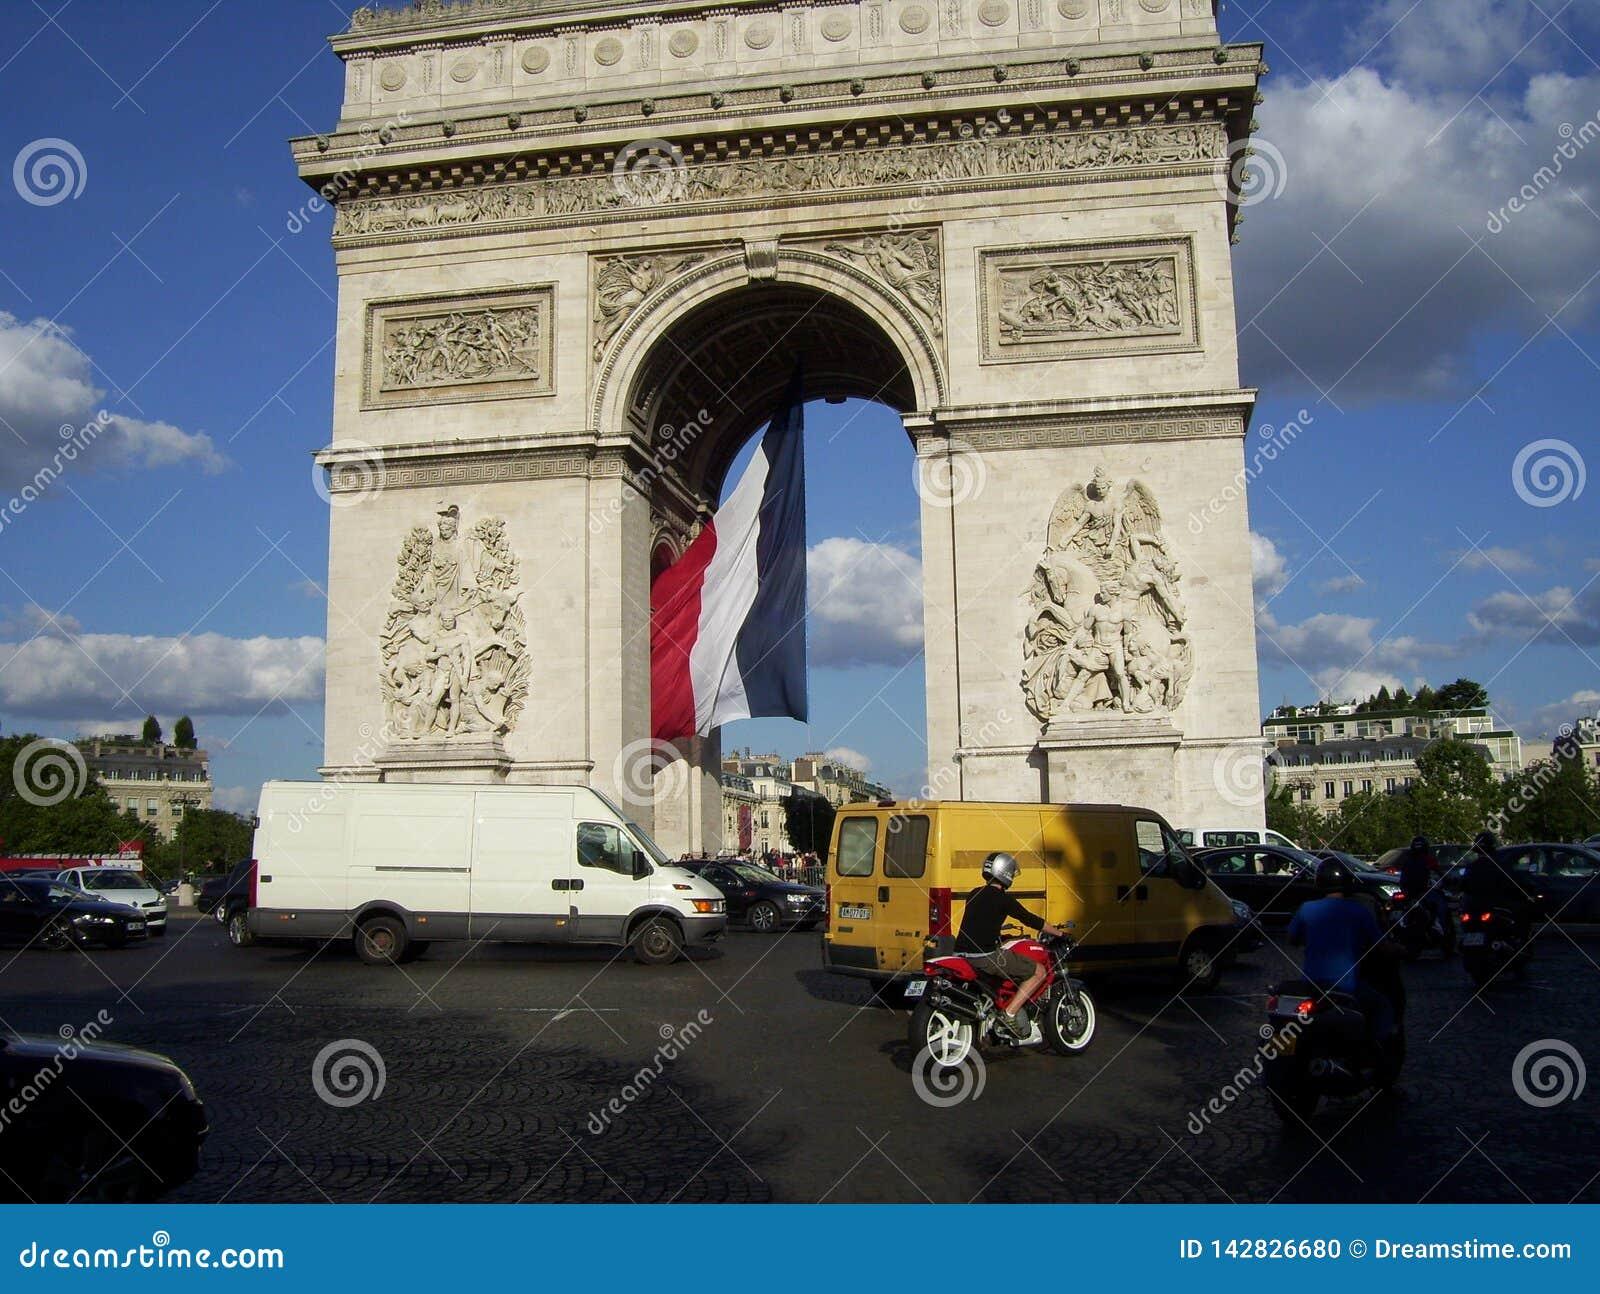 Monumento à glória da Revolução Francesa